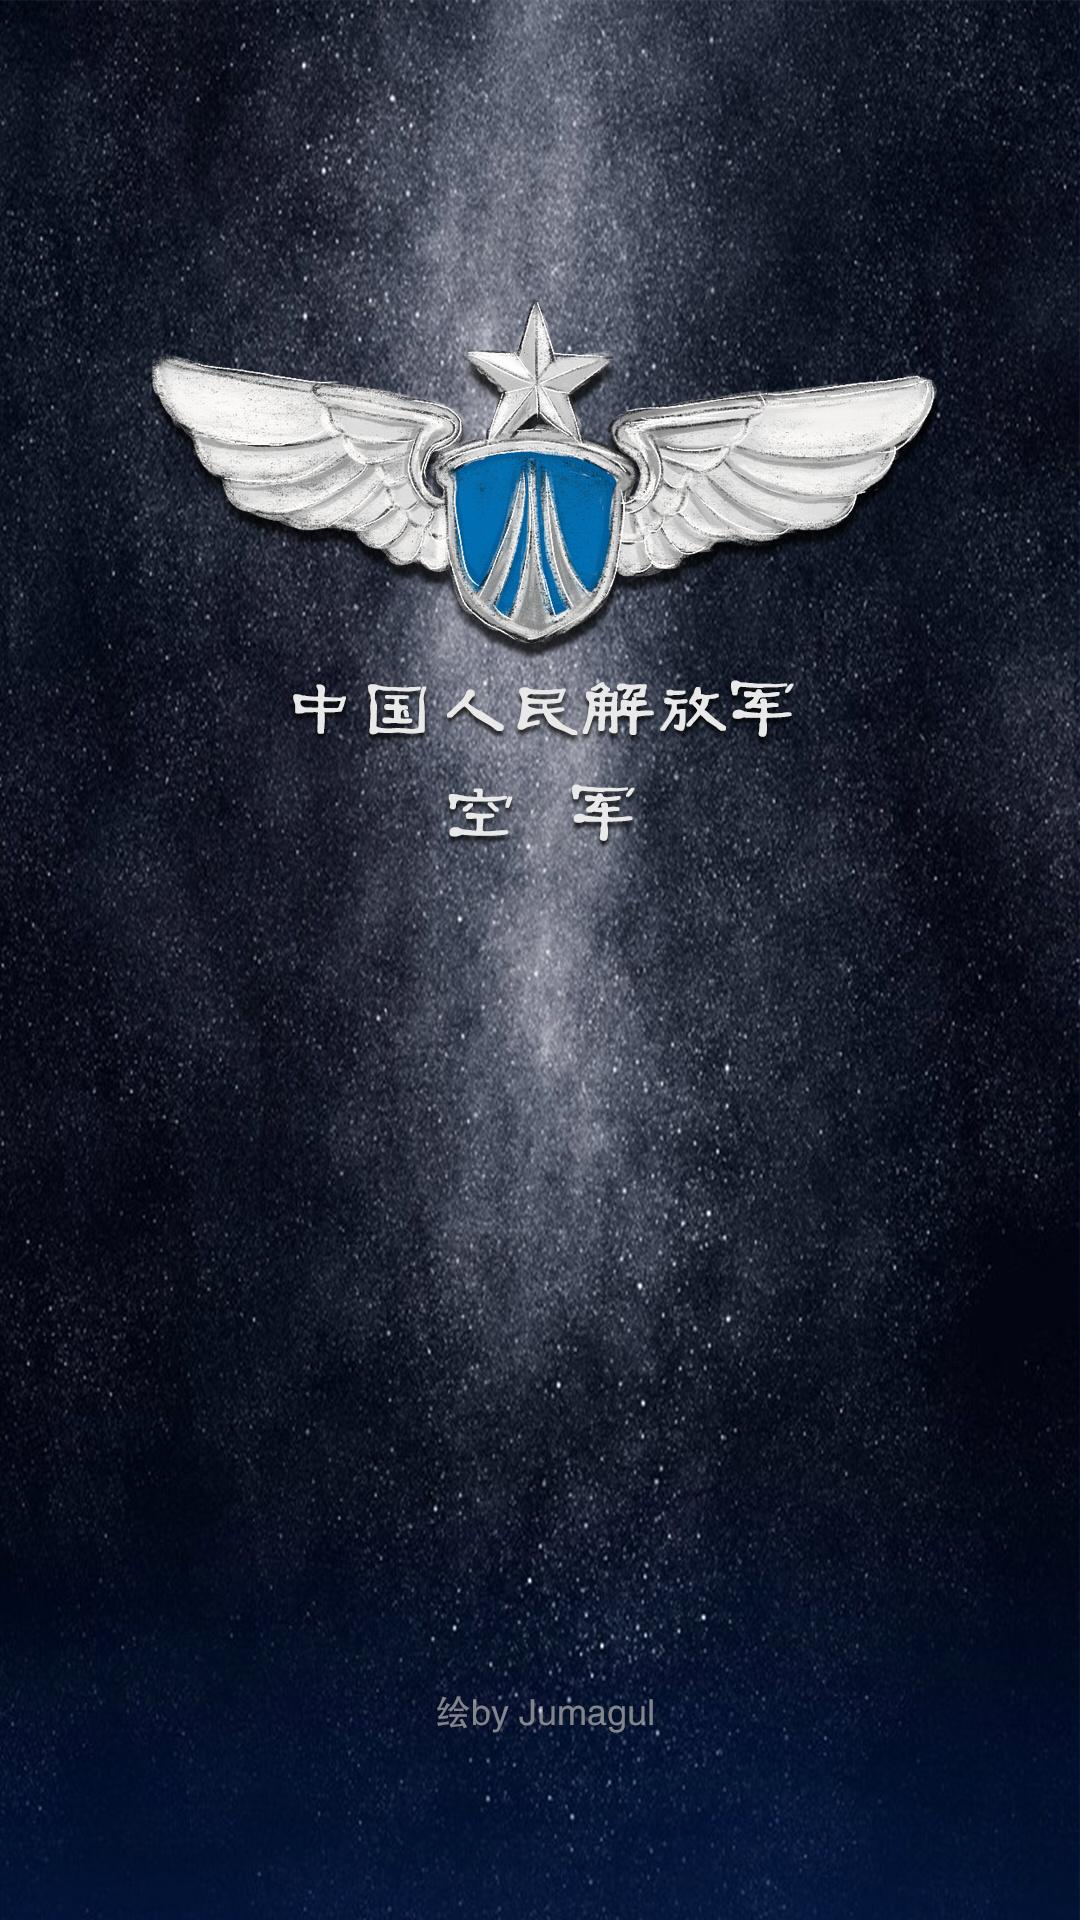 各军兵种符号高清手绘屏保壁纸